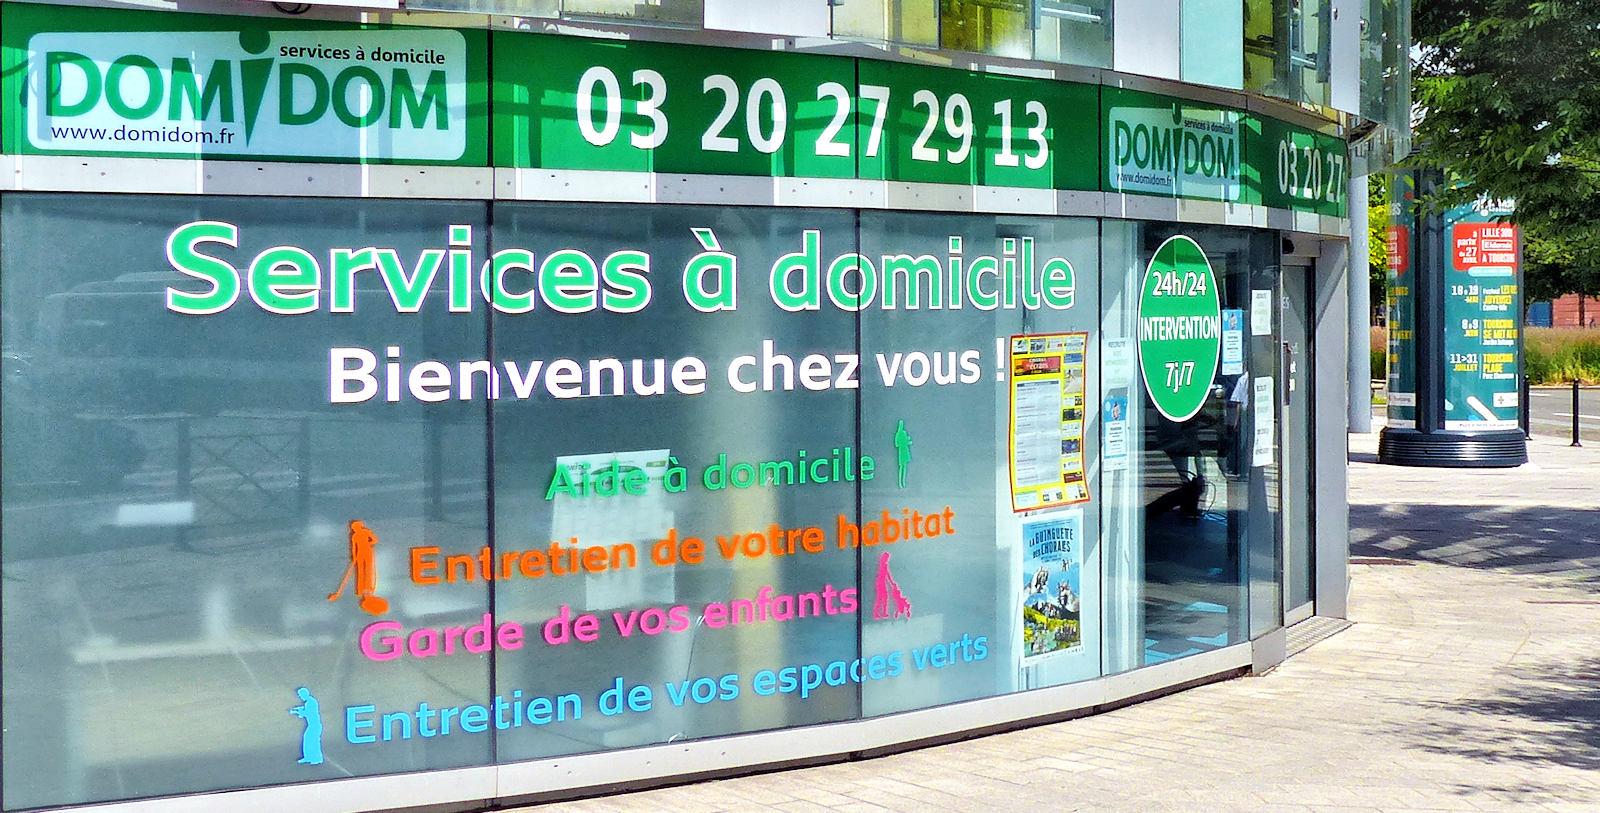 Domidom Service à domicile - Tourcoing Centre, rue d'Havré